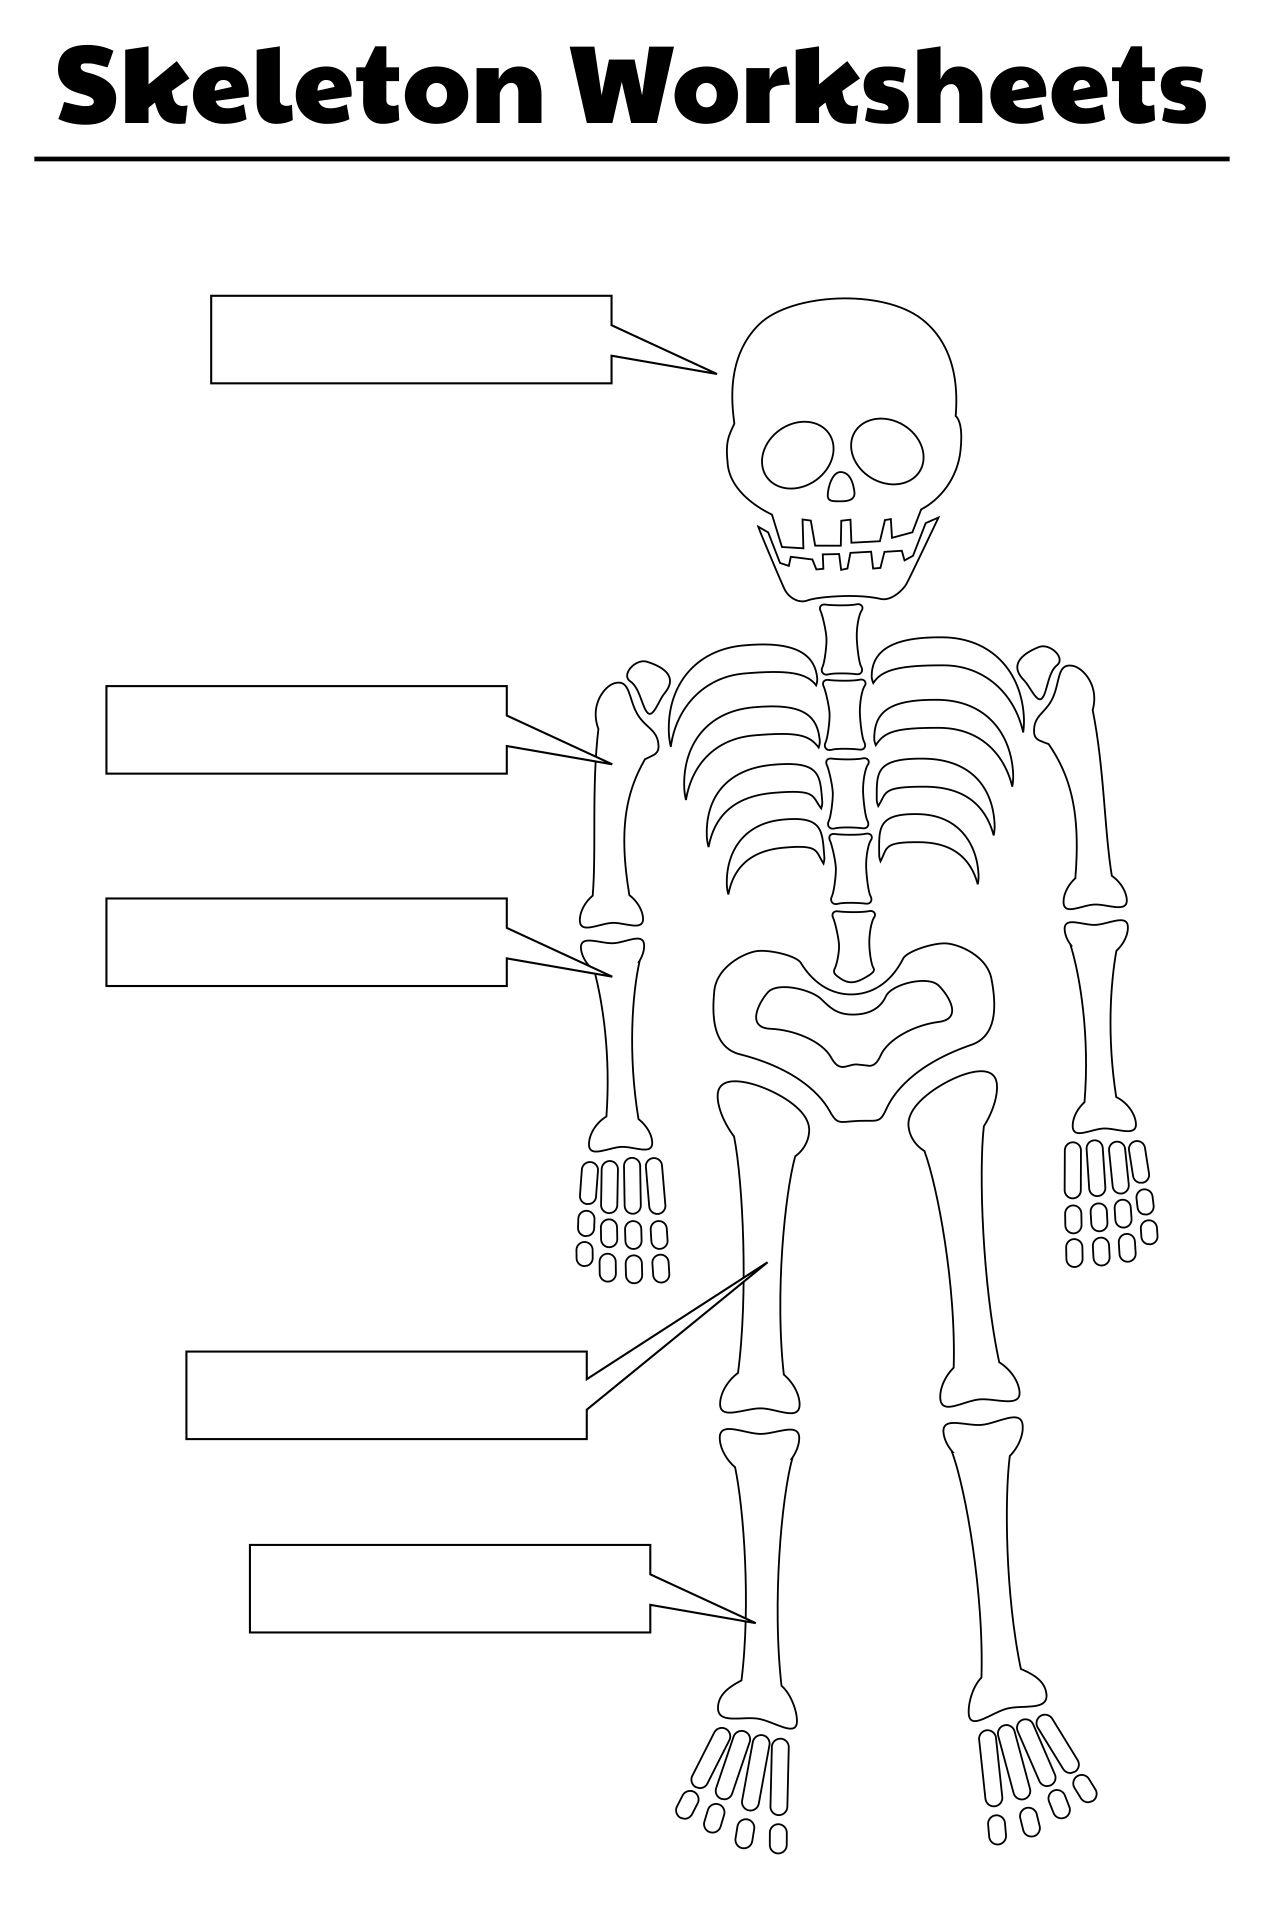 Printable Skeleton Worksheets